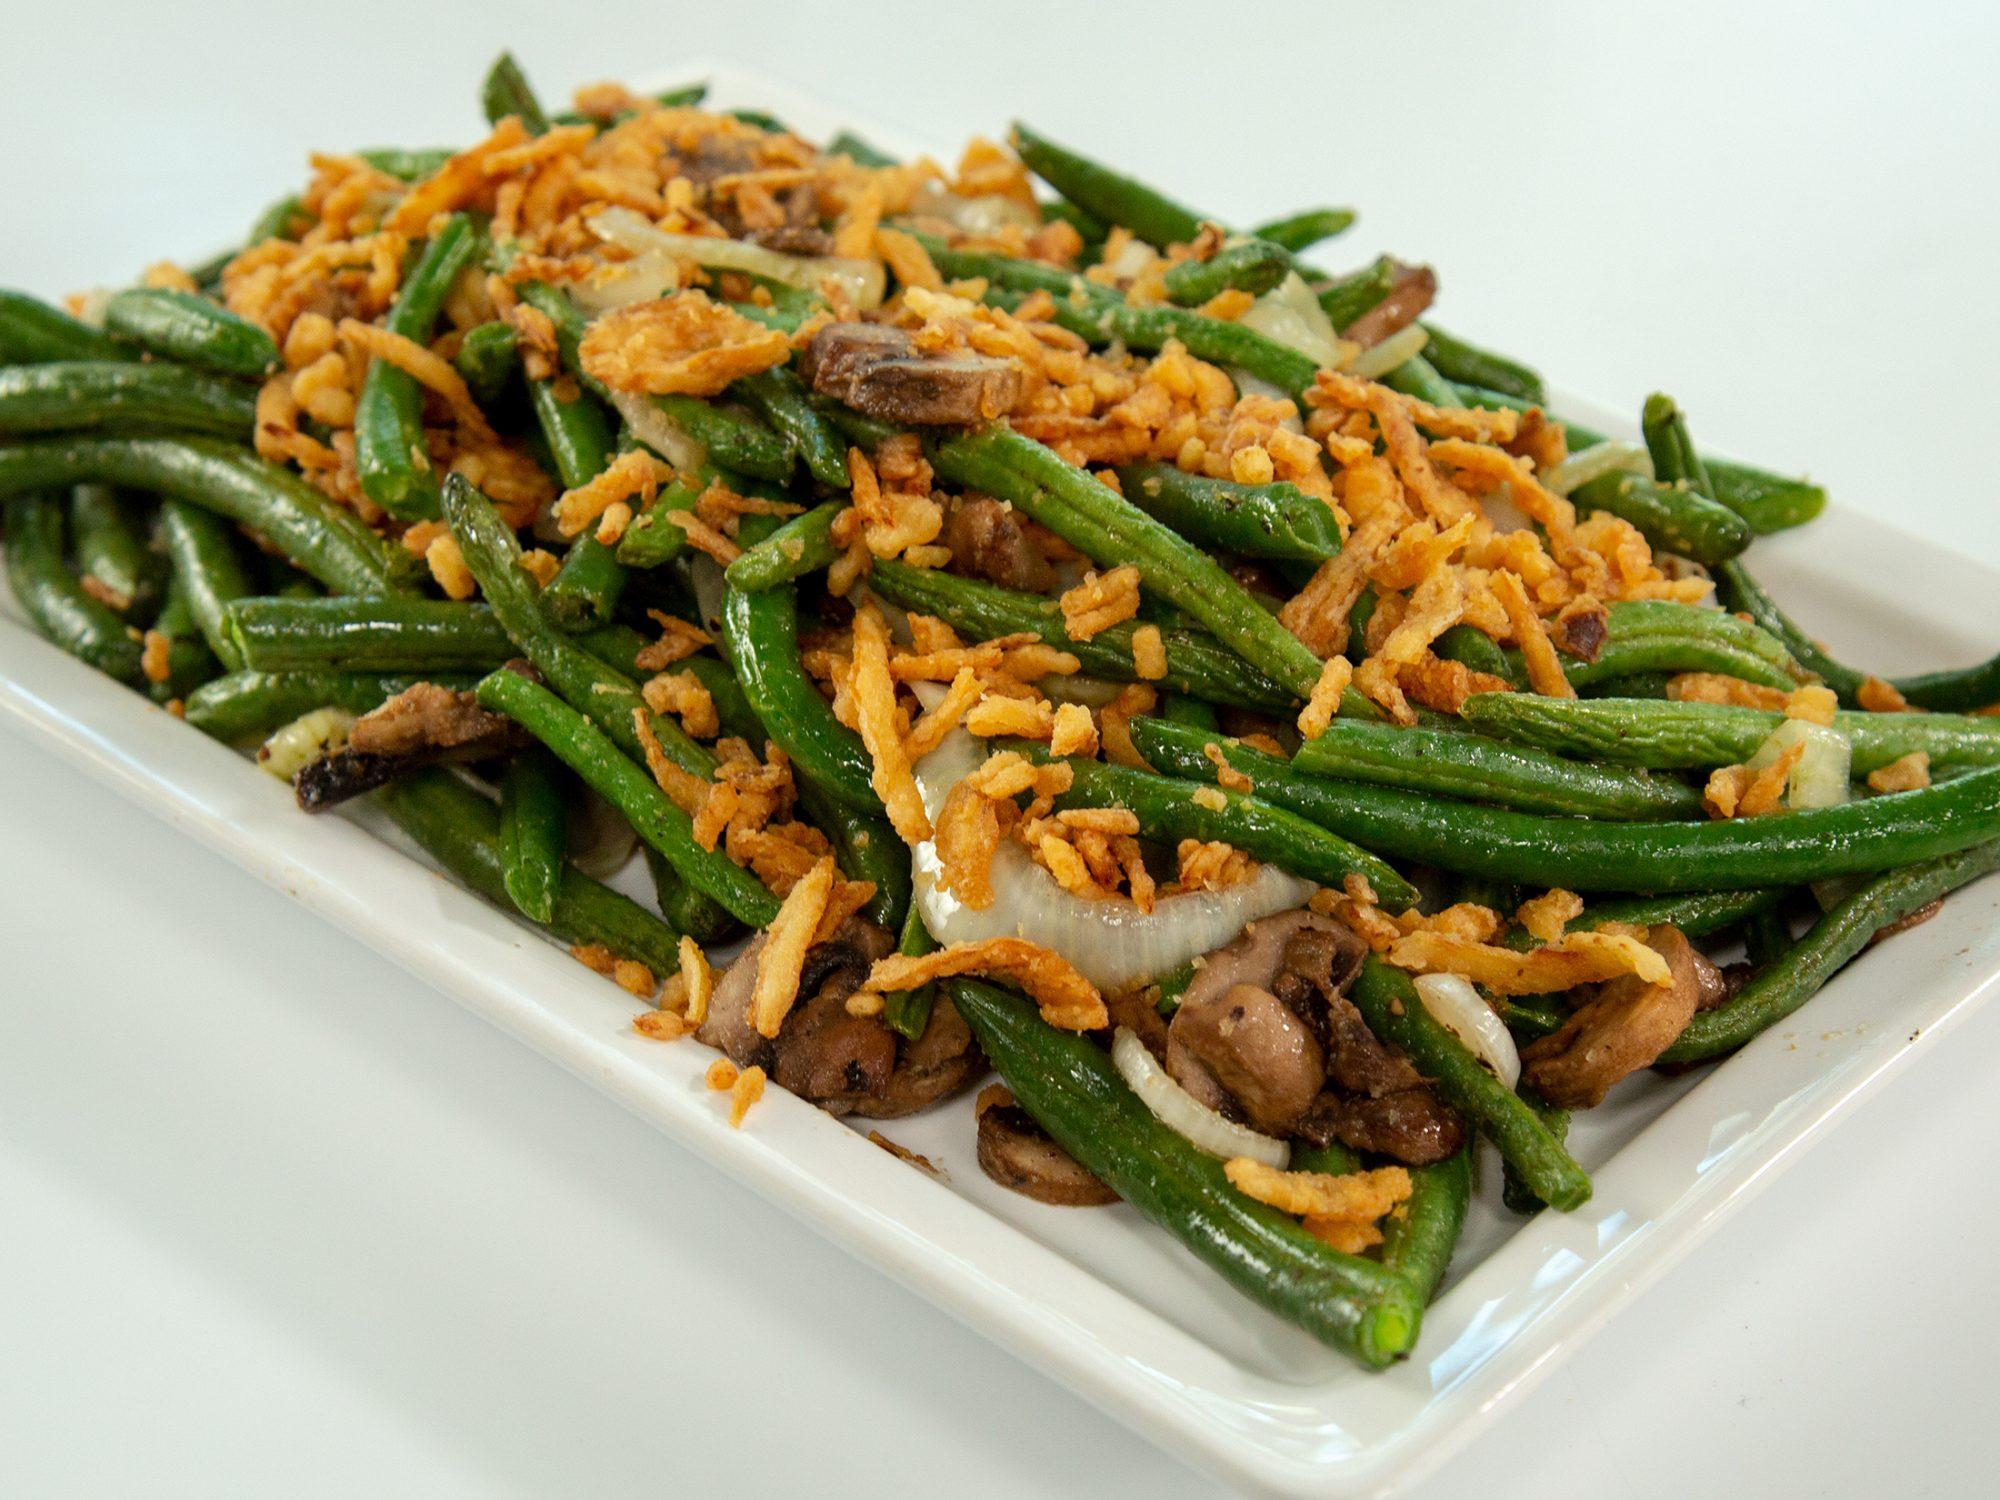 Air Fried Green Bean Casserole image